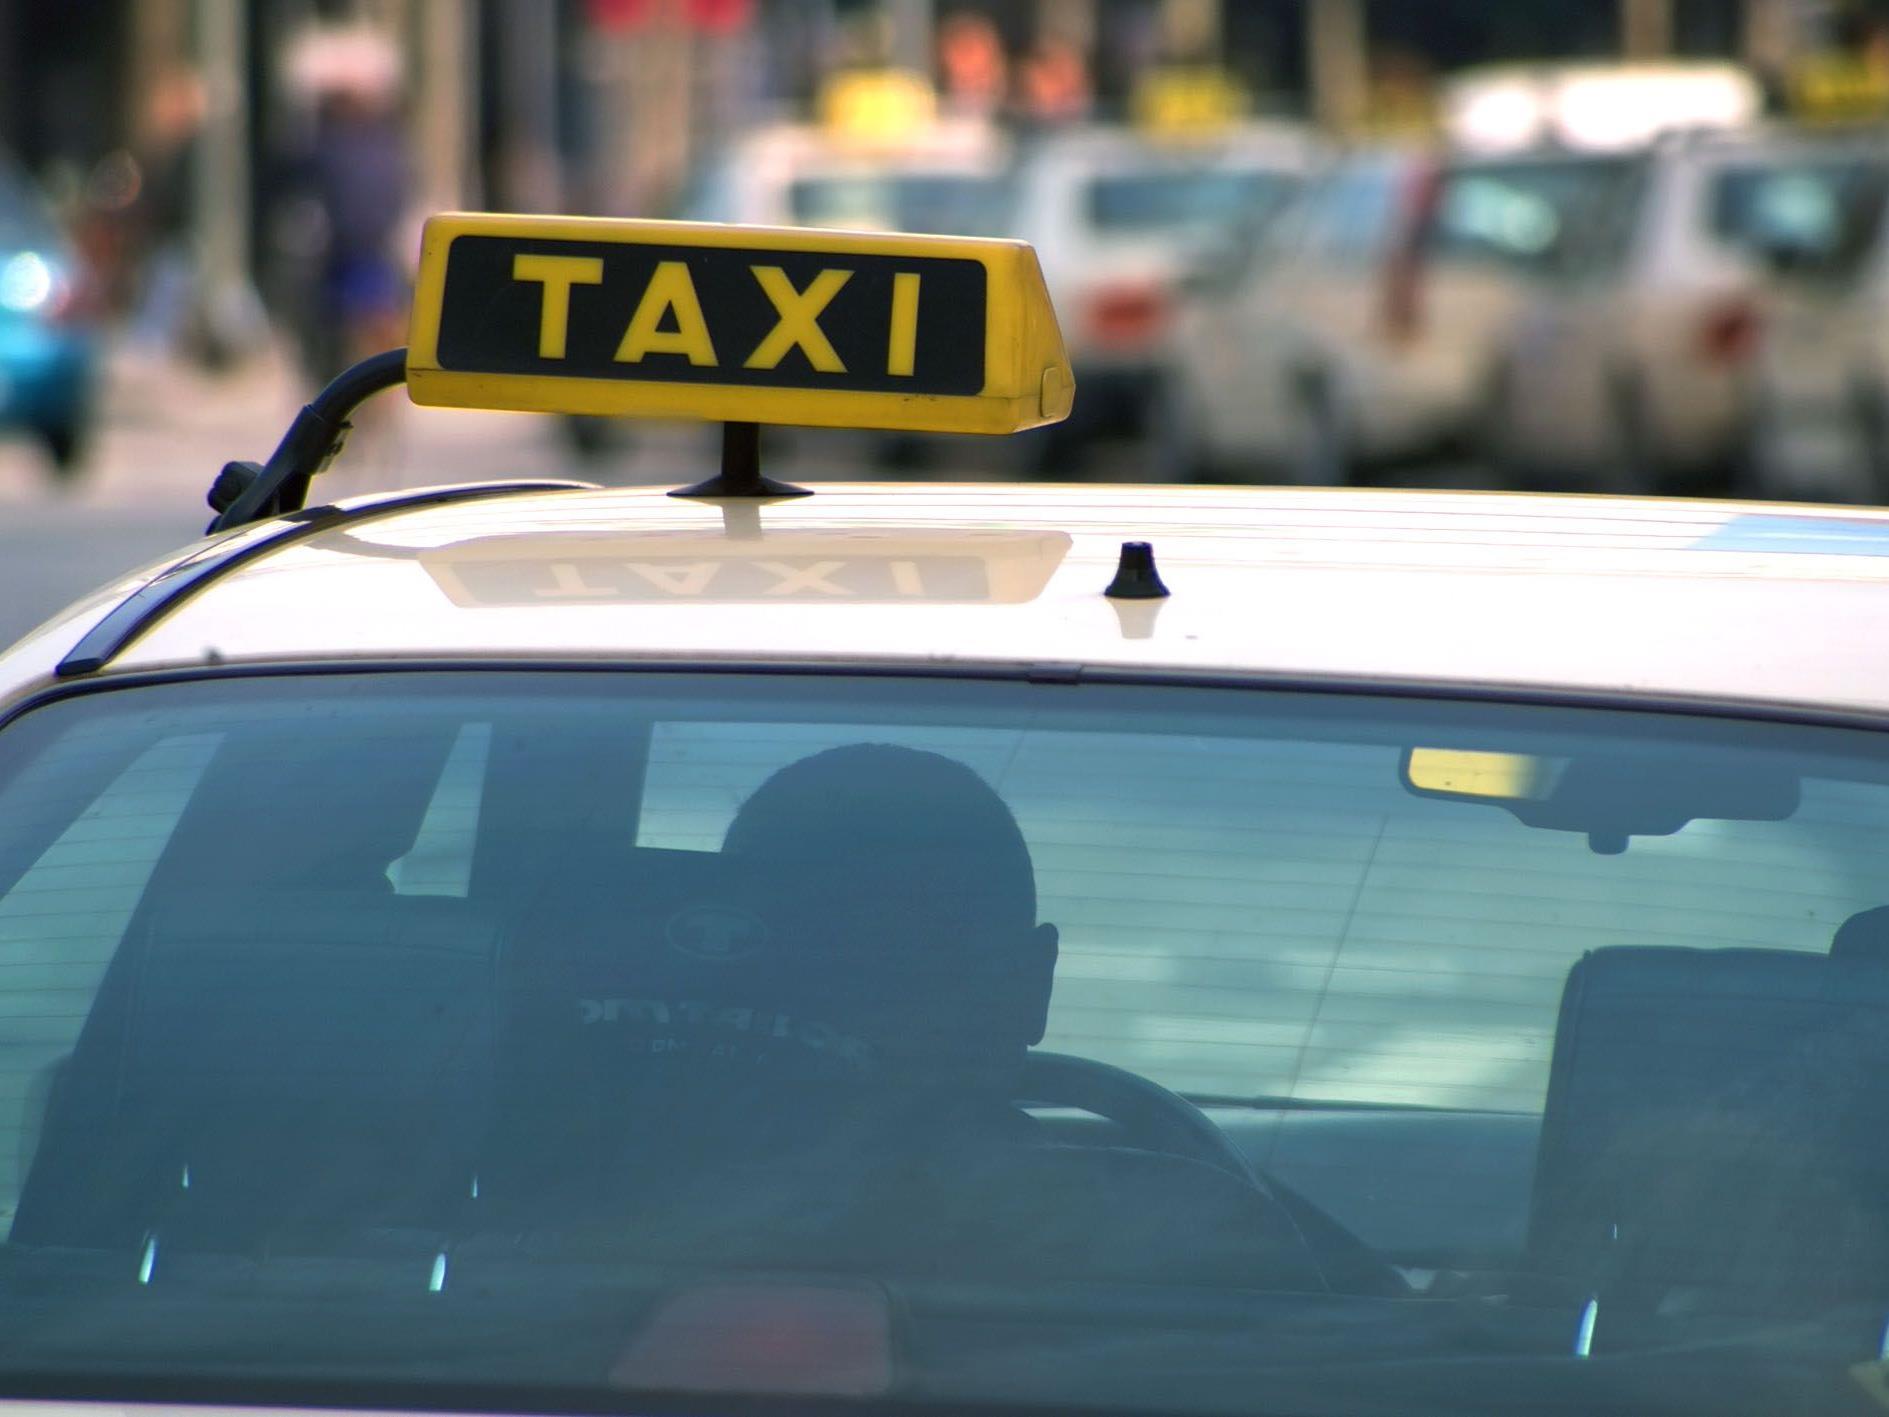 Wegen dem Fahrpreis gerieten Fahrgäste und Taxilenker in einen Streit, der mit Handgreiflichkeiten endete